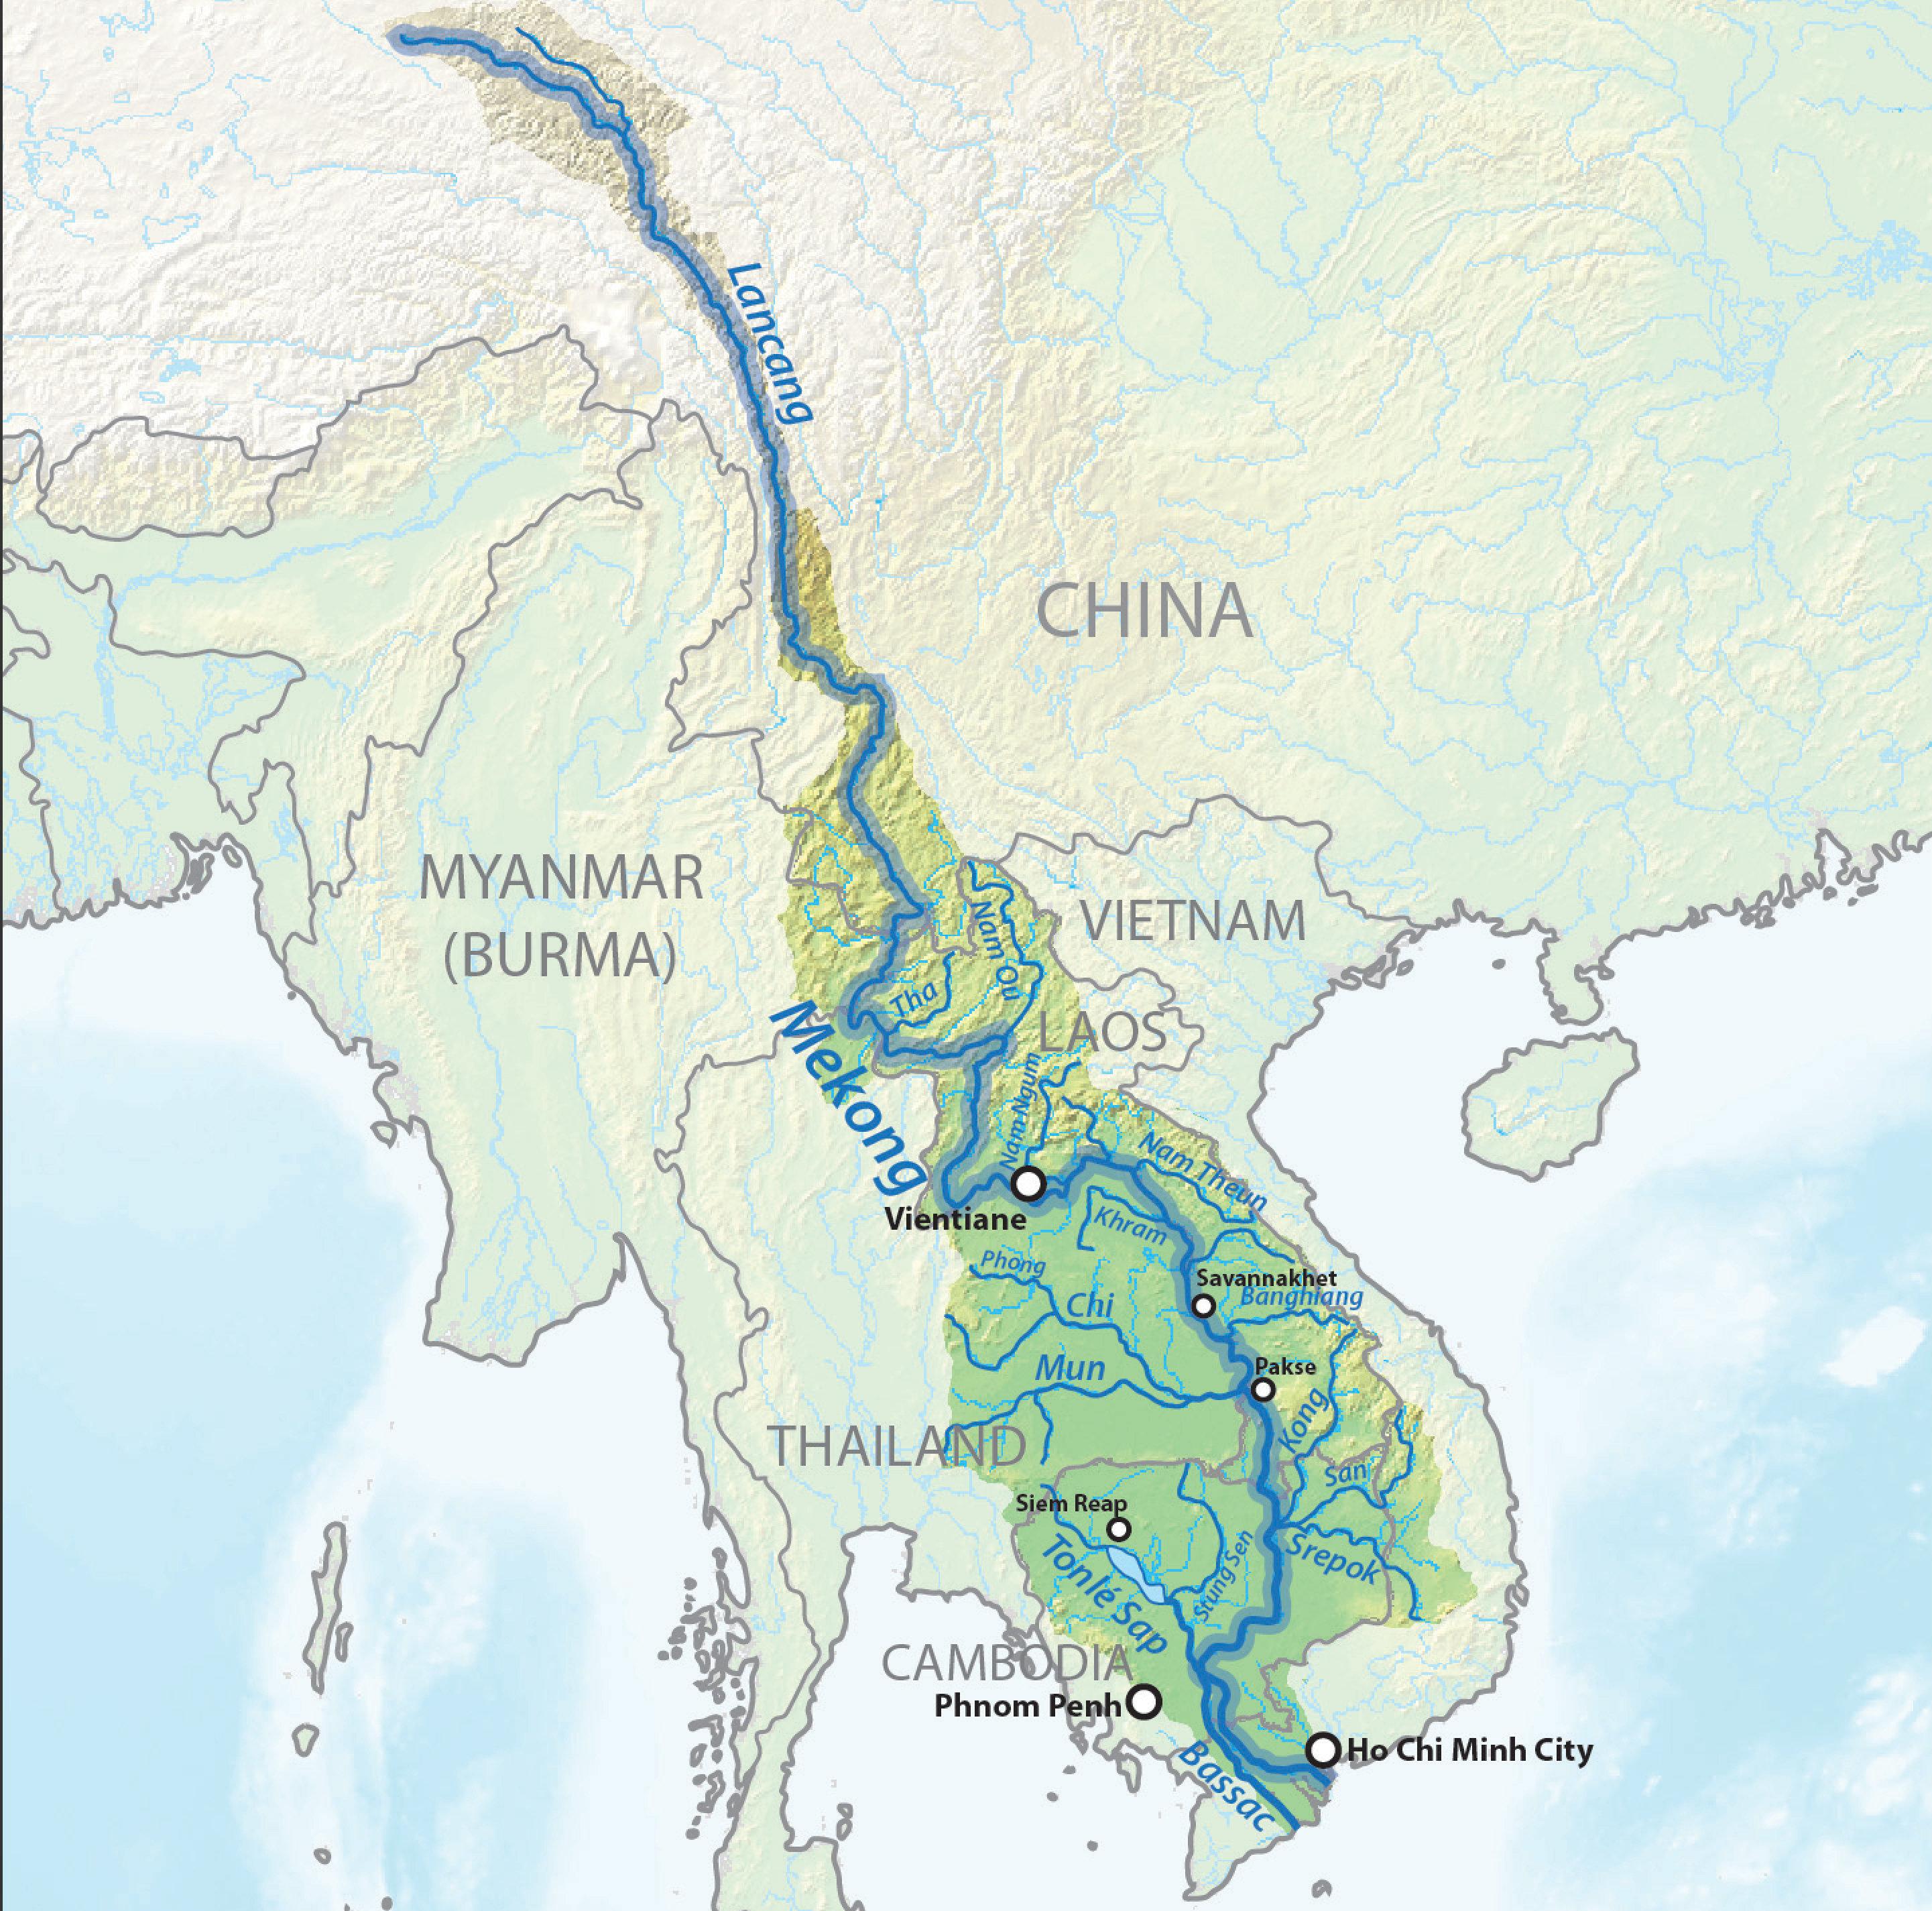 El río Mekong fluye a través de media docena de países asiáticos